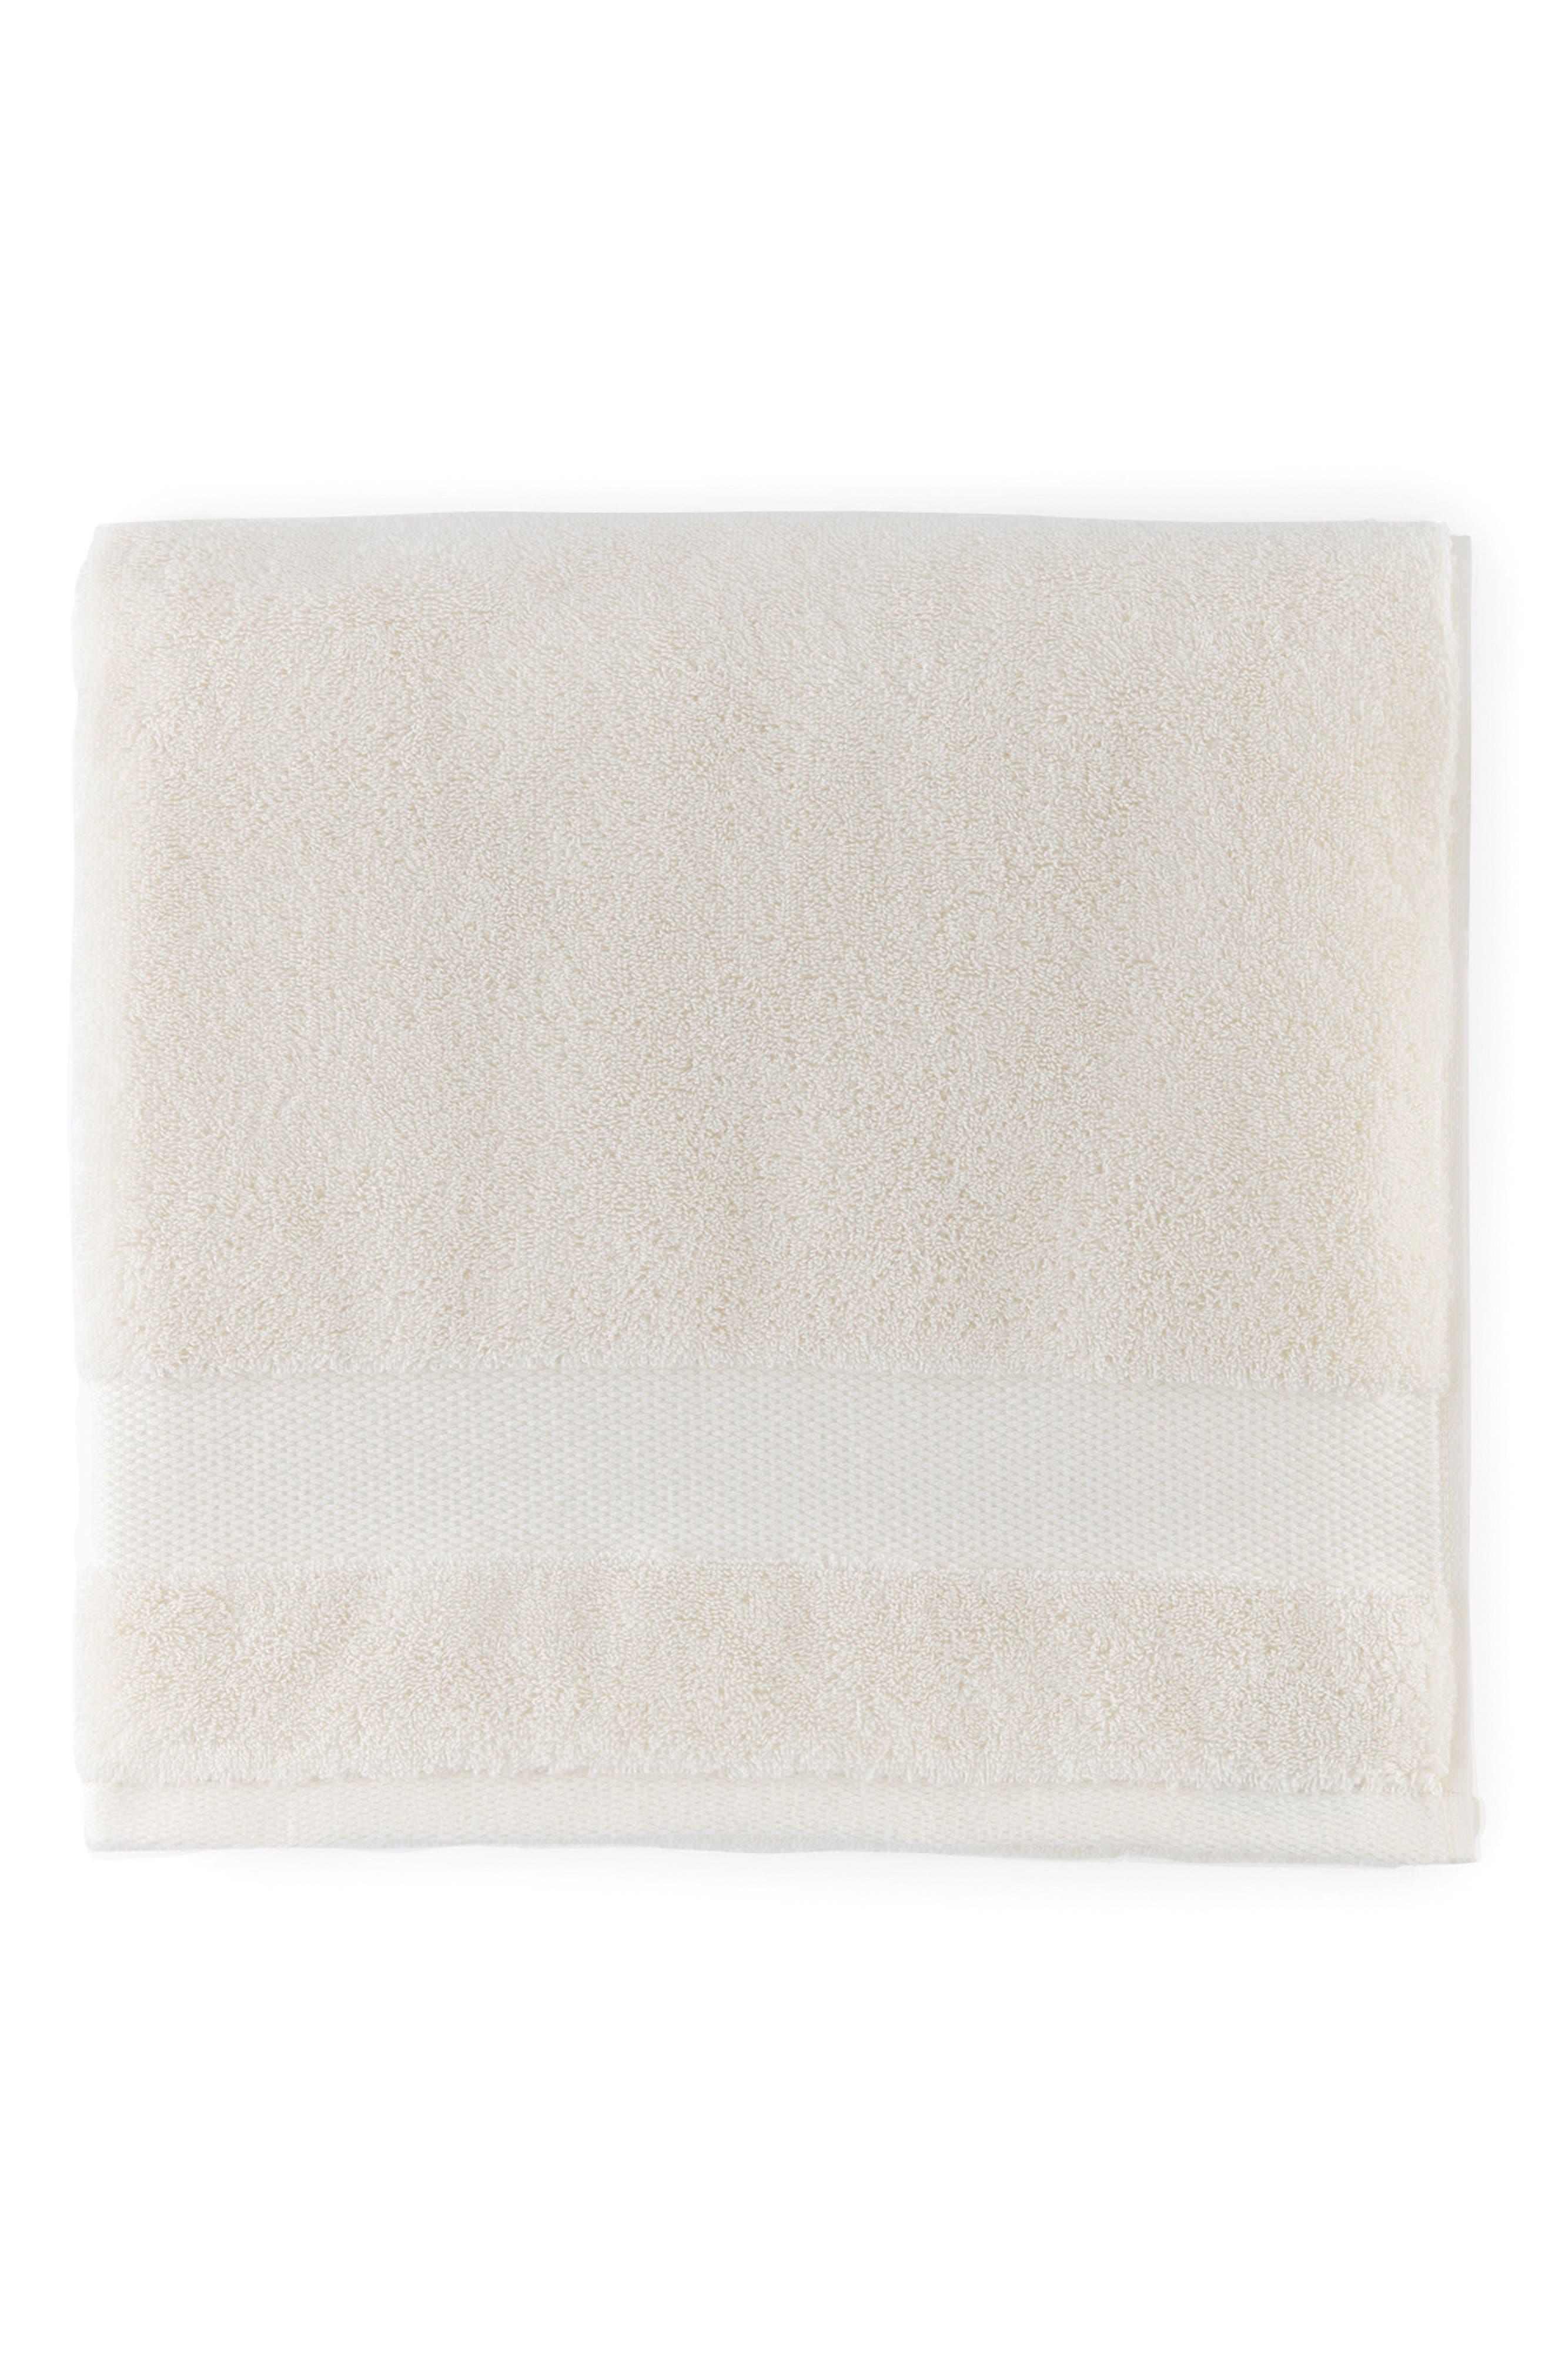 Bello Bath Towel,                             Main thumbnail 1, color,                             Ivory